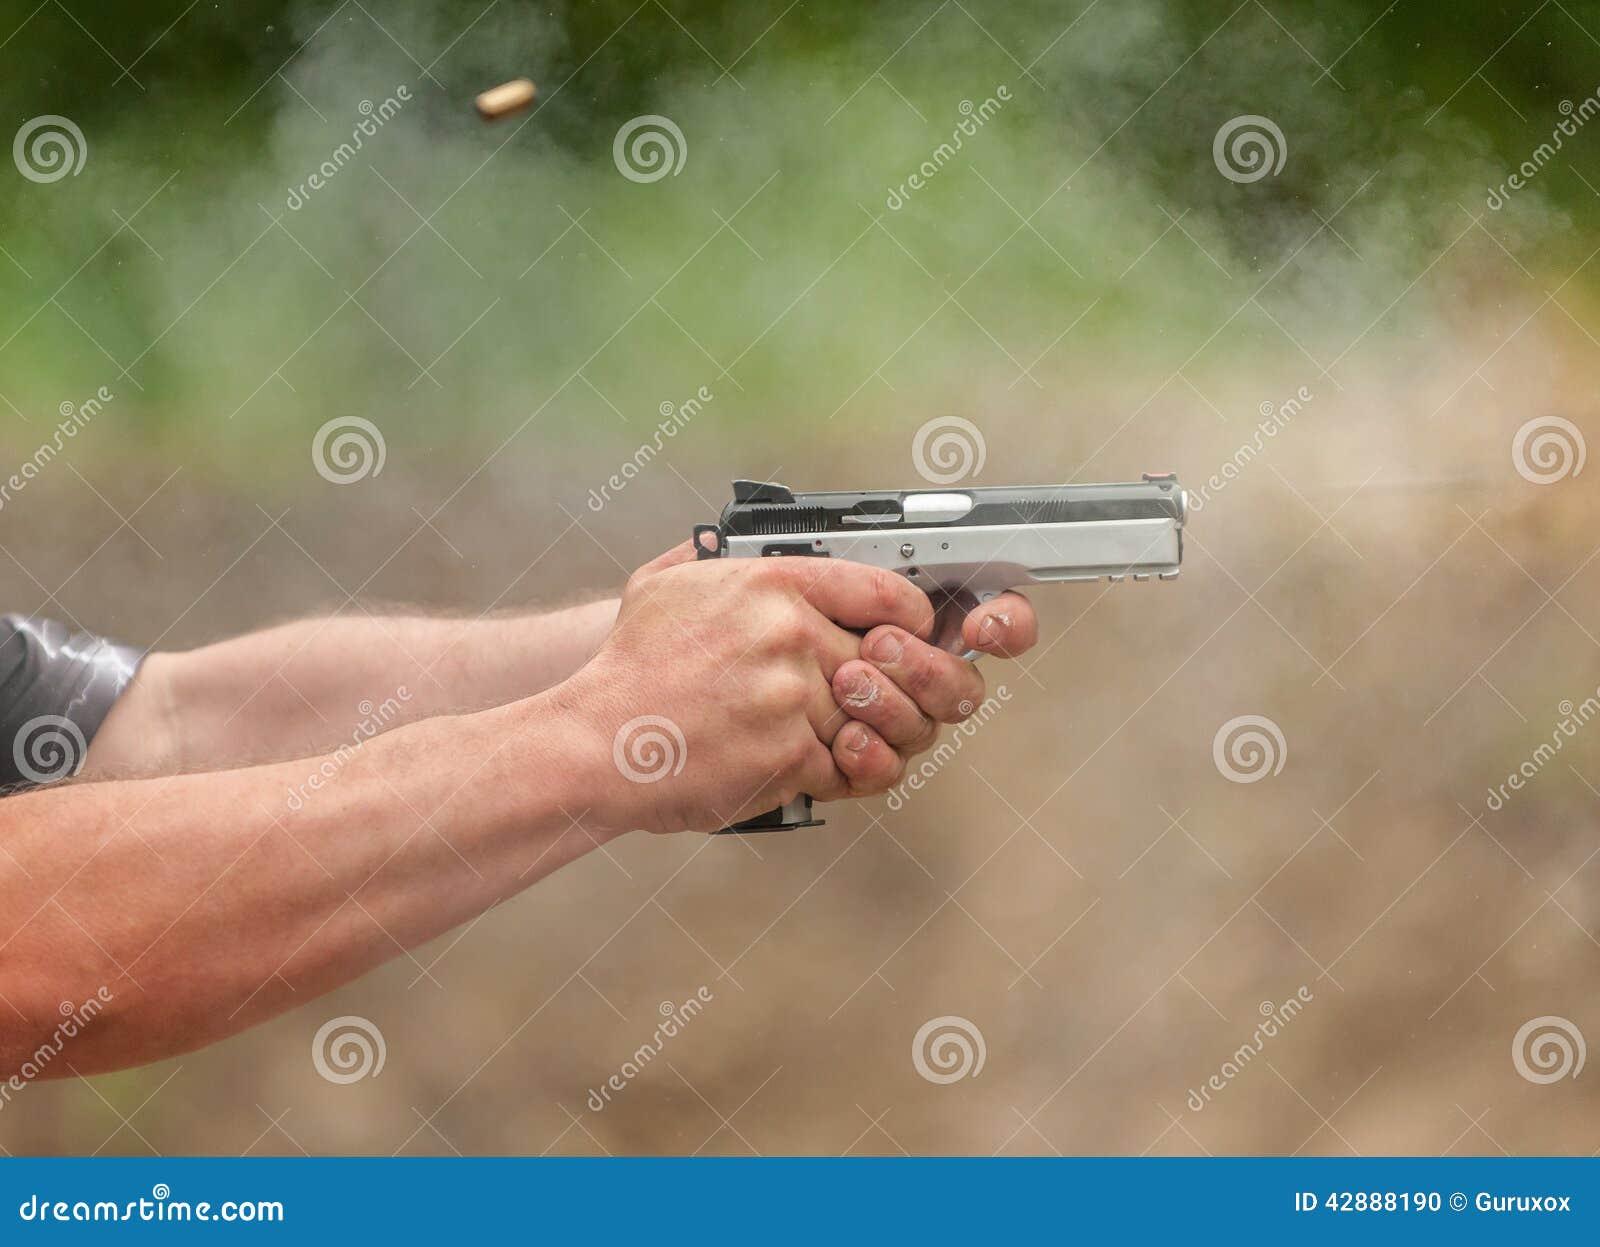 Fangen Sie eine Kugel